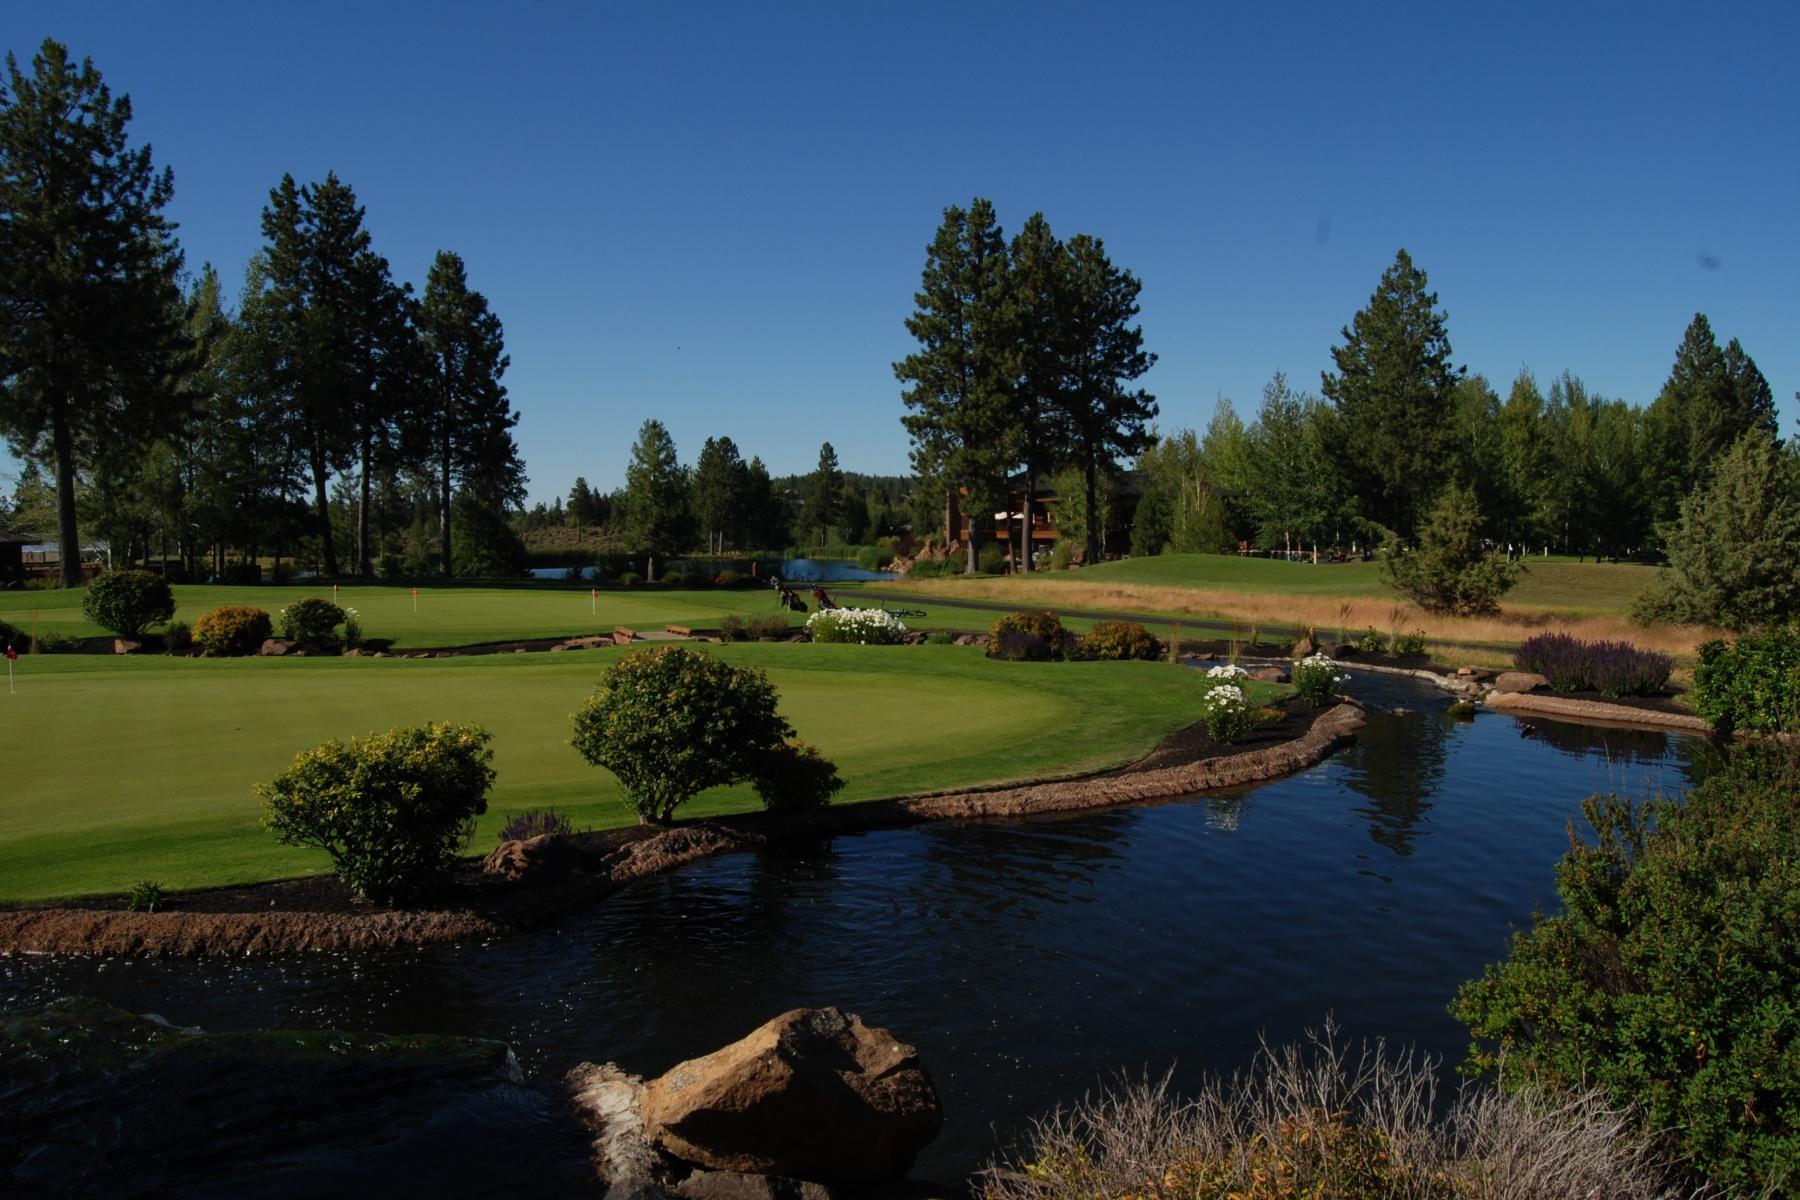 Terreno para Venda às 61631 Tam McArthur Loop, BEND Bend, Oregon, 97702 Estados Unidos